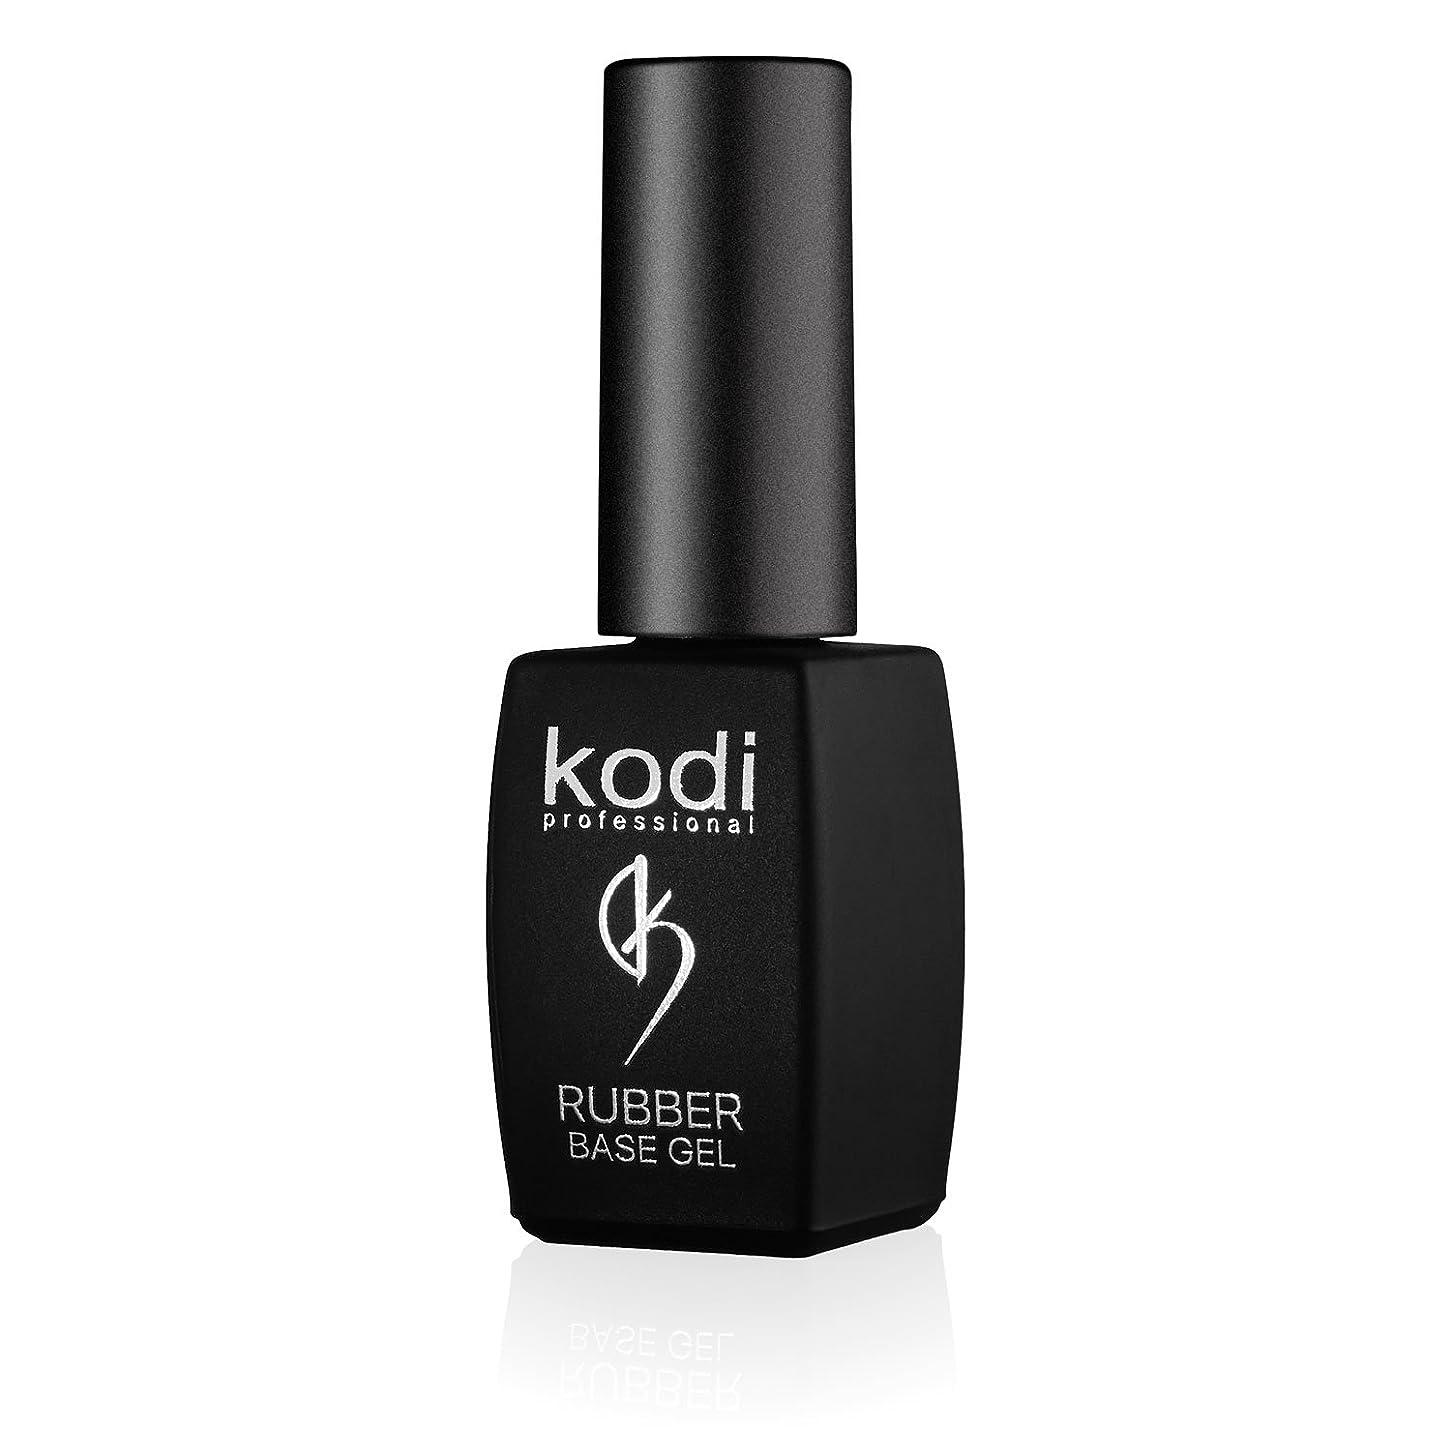 デモンストレーションできたスローProfessional Rubber Base Gel By Kodi | 8ml 0.27 oz | Soak Off, Polish Fingernails Coat Gel | For Long Lasting Nails Layer | Easy To Use, Non-Toxic & Scentless | Cure Under LED Or UV Lamp